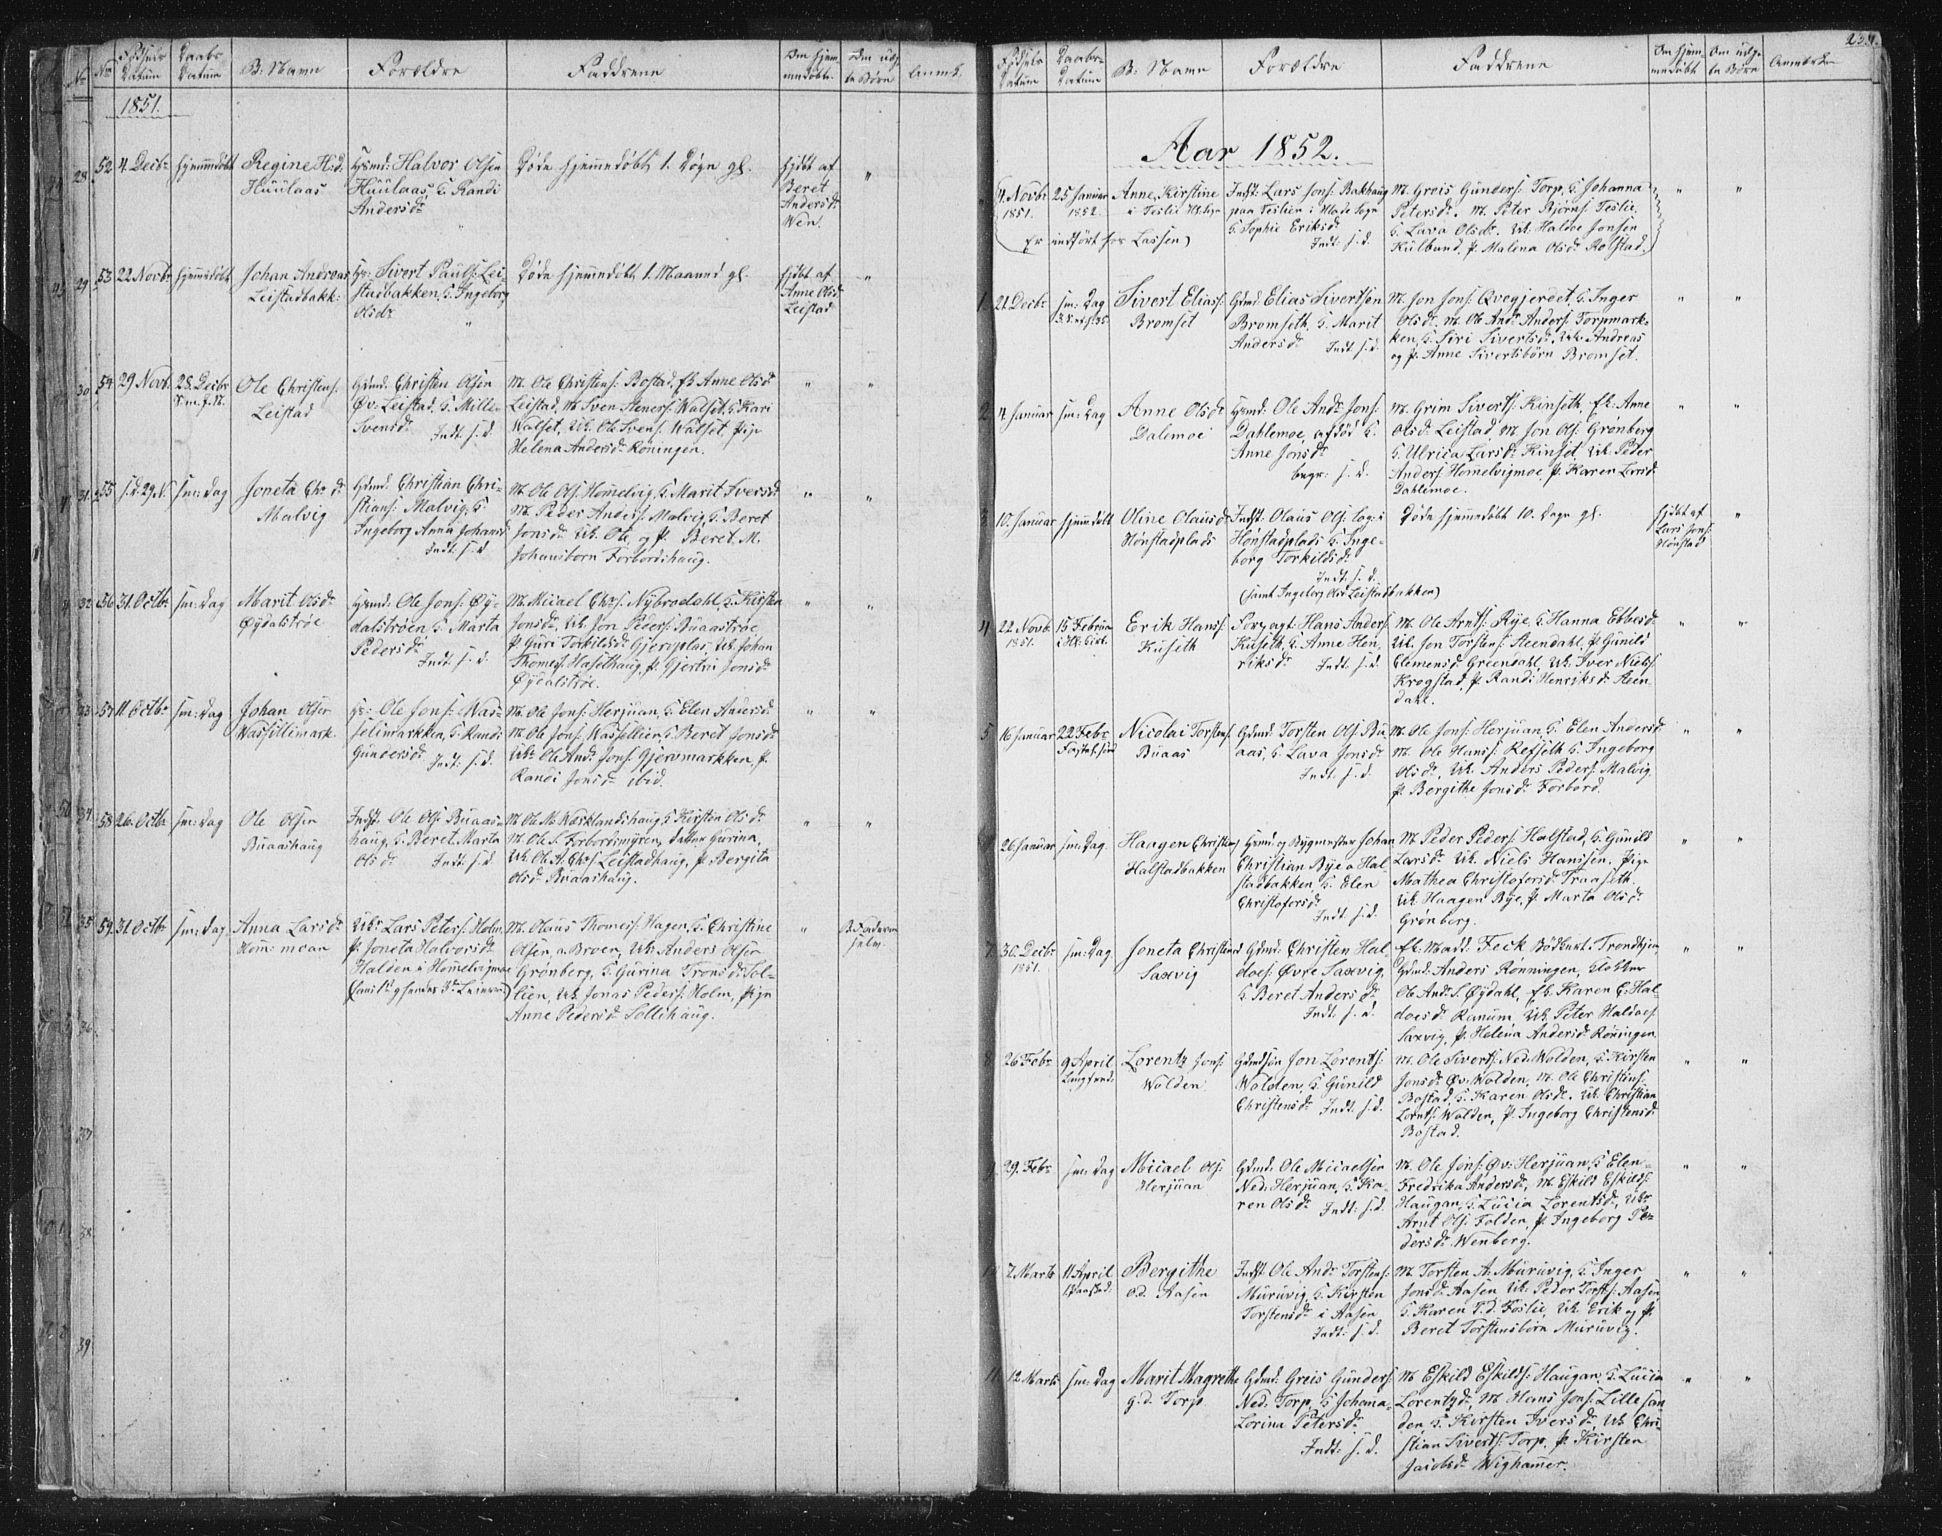 SAT, Ministerialprotokoller, klokkerbøker og fødselsregistre - Sør-Trøndelag, 616/L0406: Ministerialbok nr. 616A03, 1843-1879, s. 23